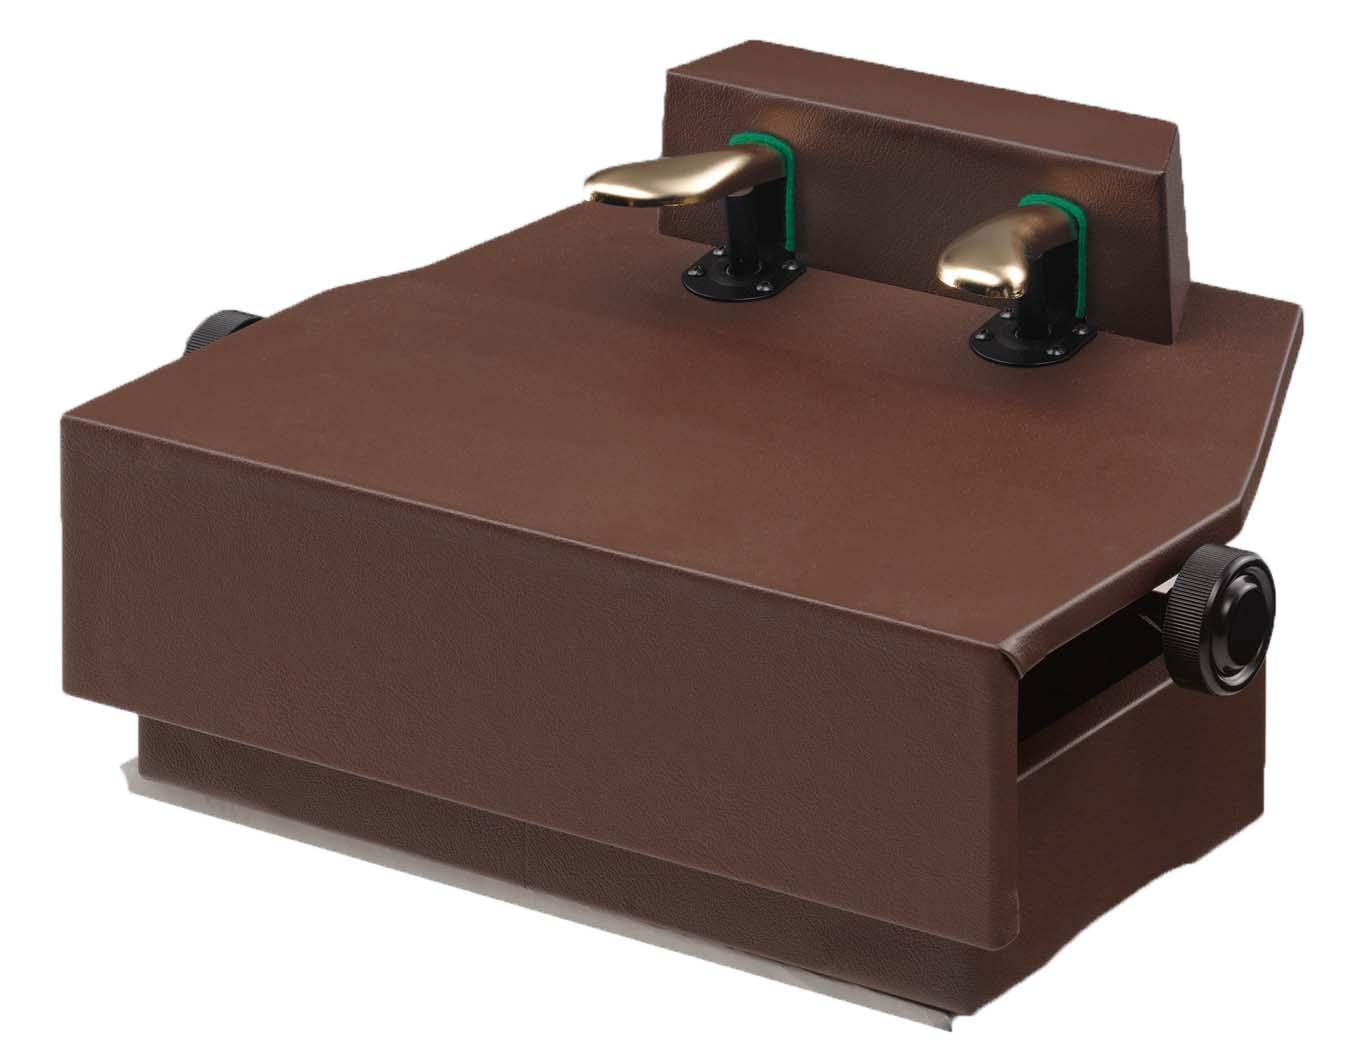 ピアノ補助ペダル AX-100 ウォルナット